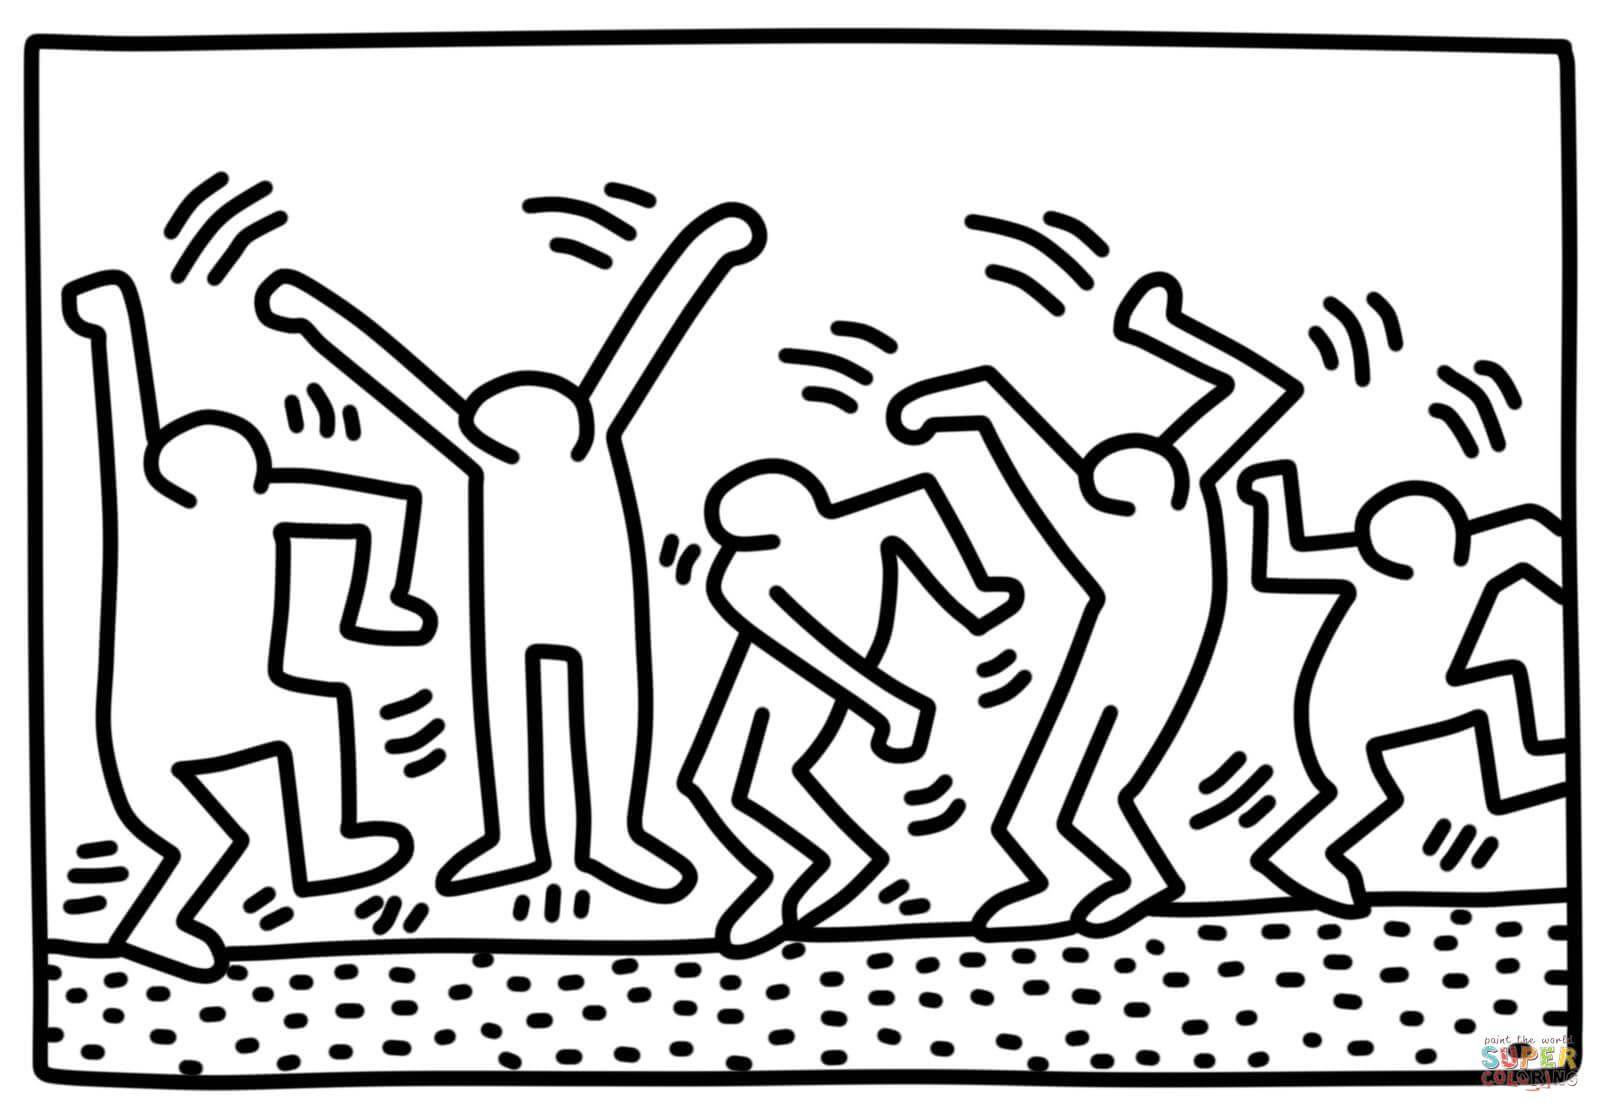 James Rizzi Ausmalbilder Inspirierend 48 Ehrfürchtig Keith Haring Malvorlagen Ausdrucken Malvorlagen Fotos